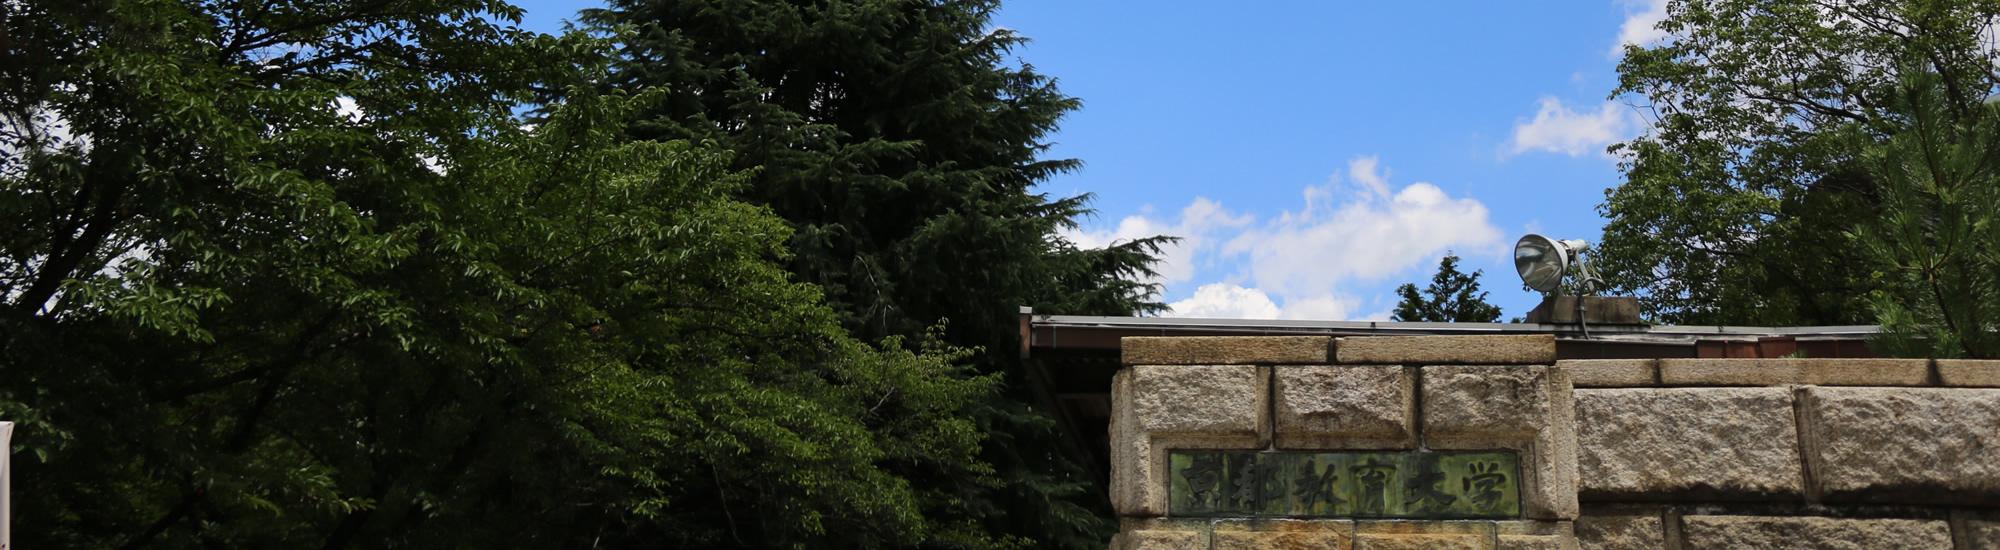 京都教育大学 8月